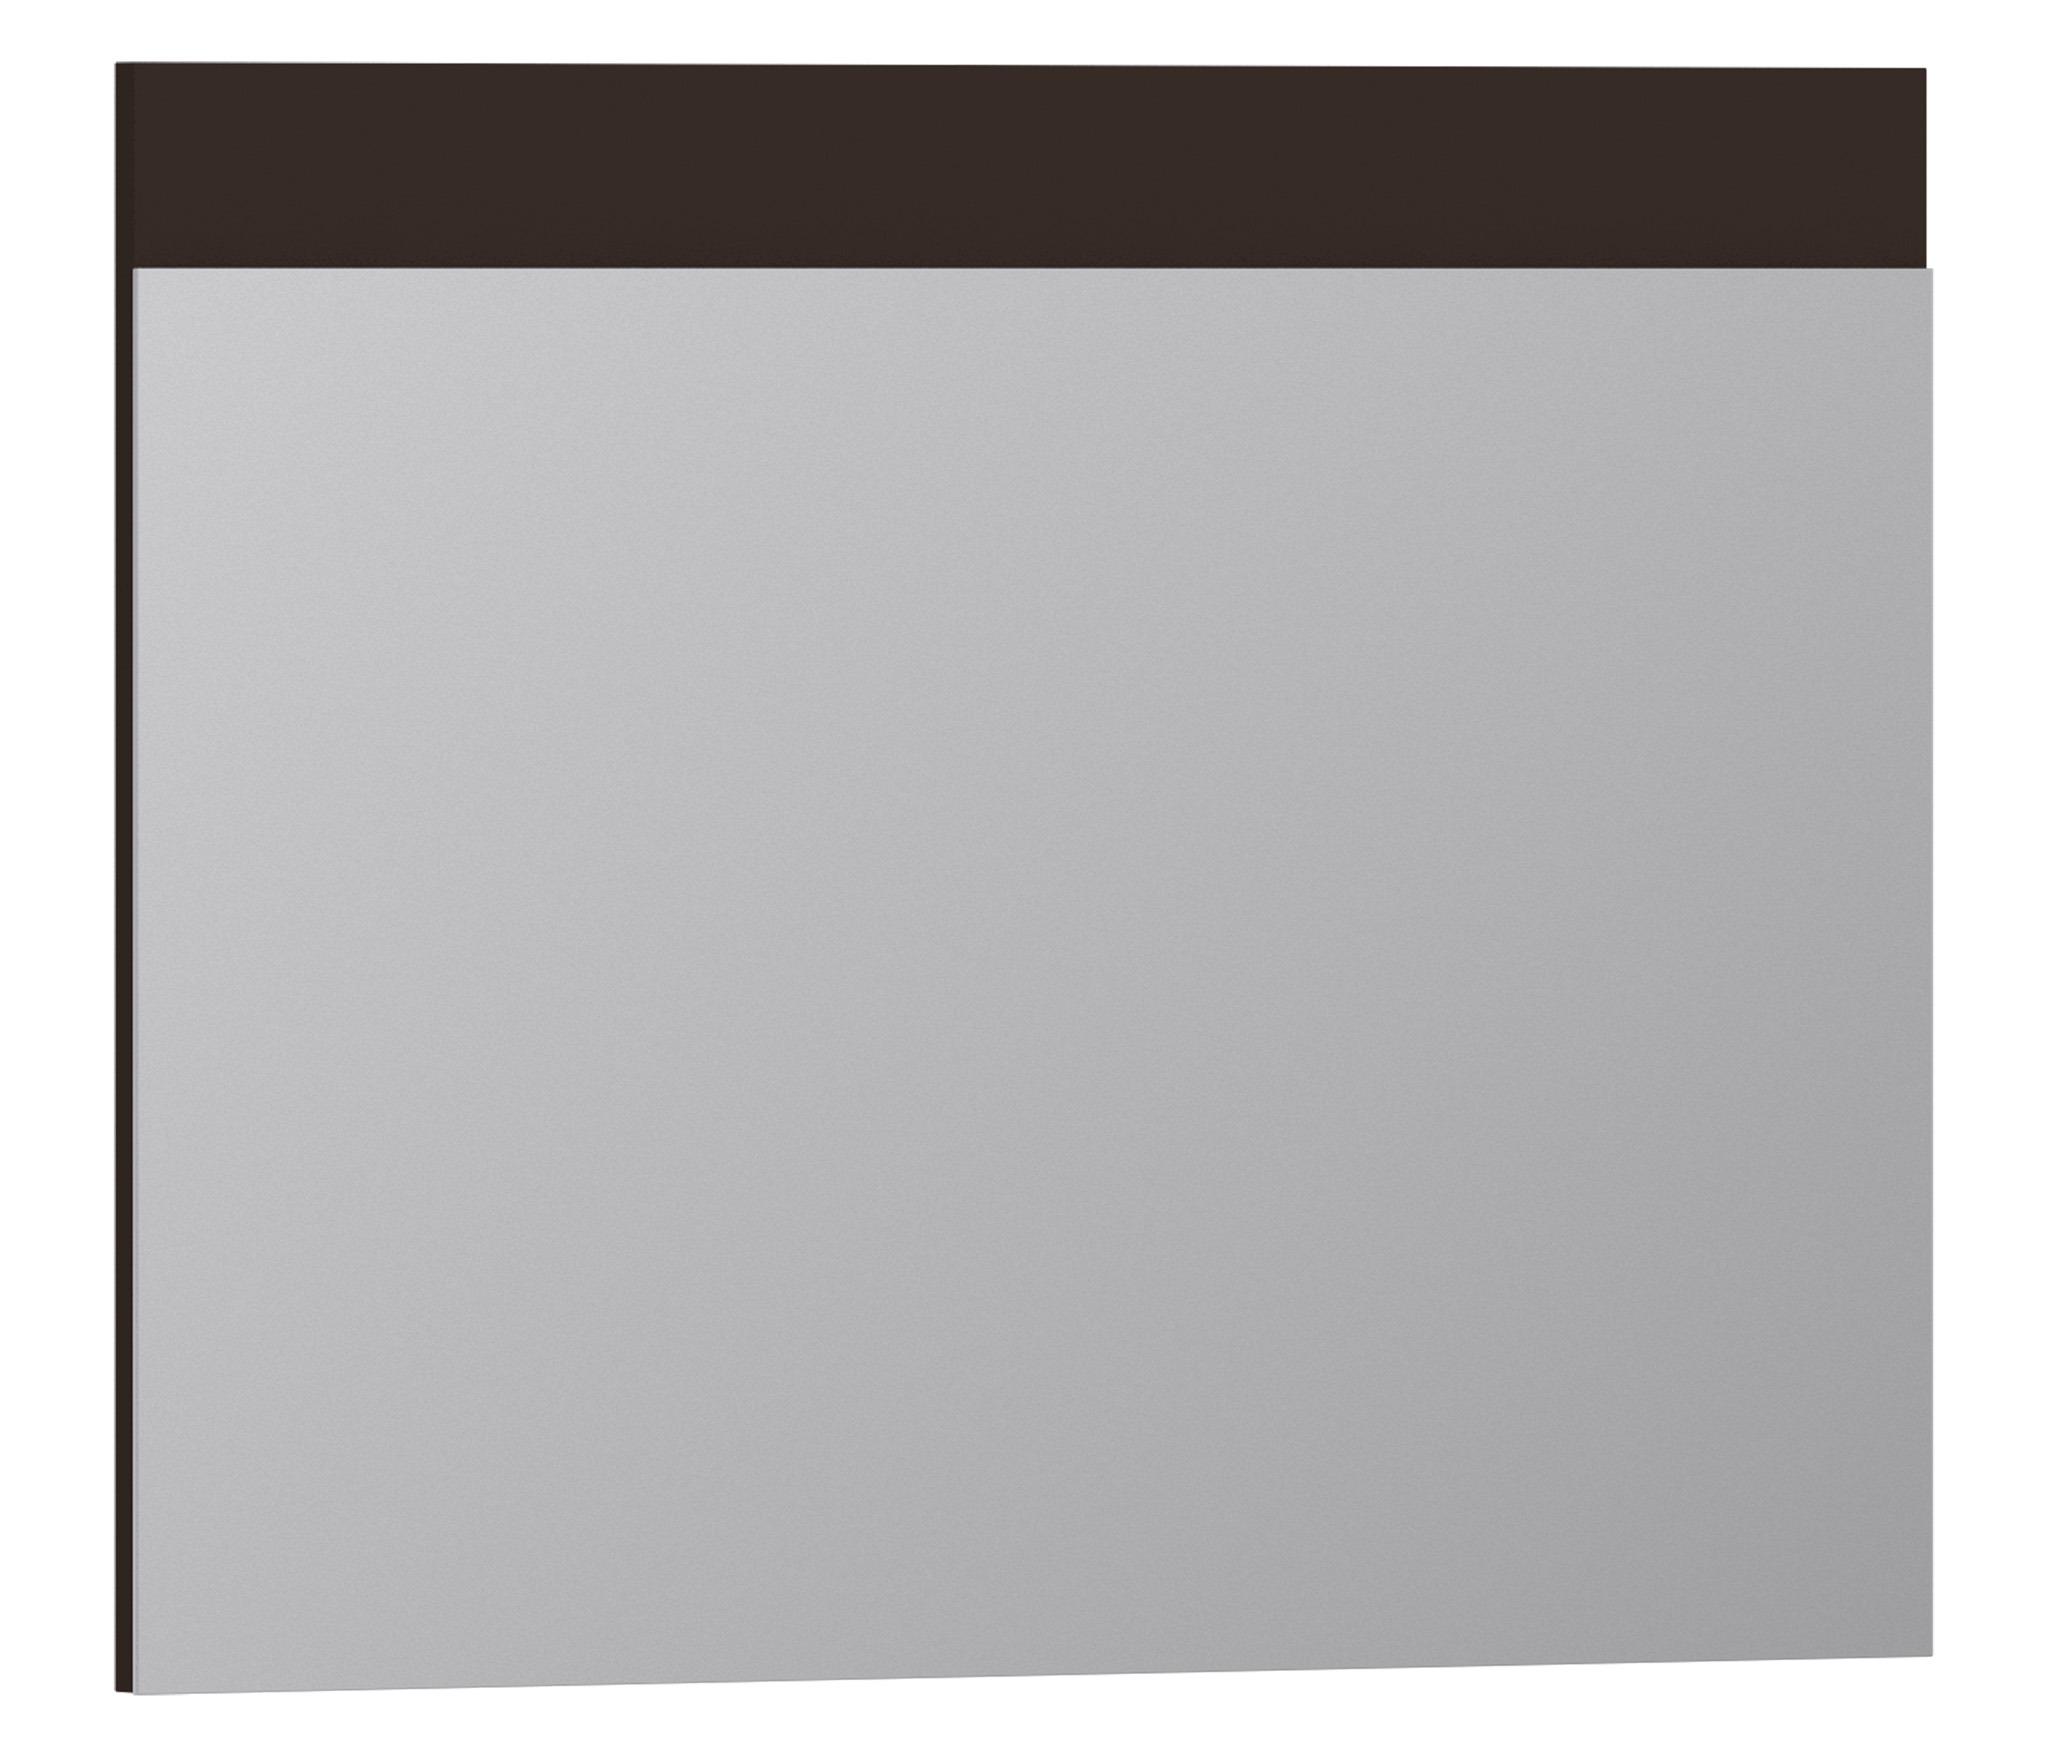 Клео СБ-2018 ЗеркалоЗеркала<br>Зеркало, выполненное в современном стиле, идеально дополнит Ваш интерьер и станет стилистическим акцентом всего помещения.<br><br>Длина мм: 800<br>Высота мм: 630<br>Глубина мм: 21